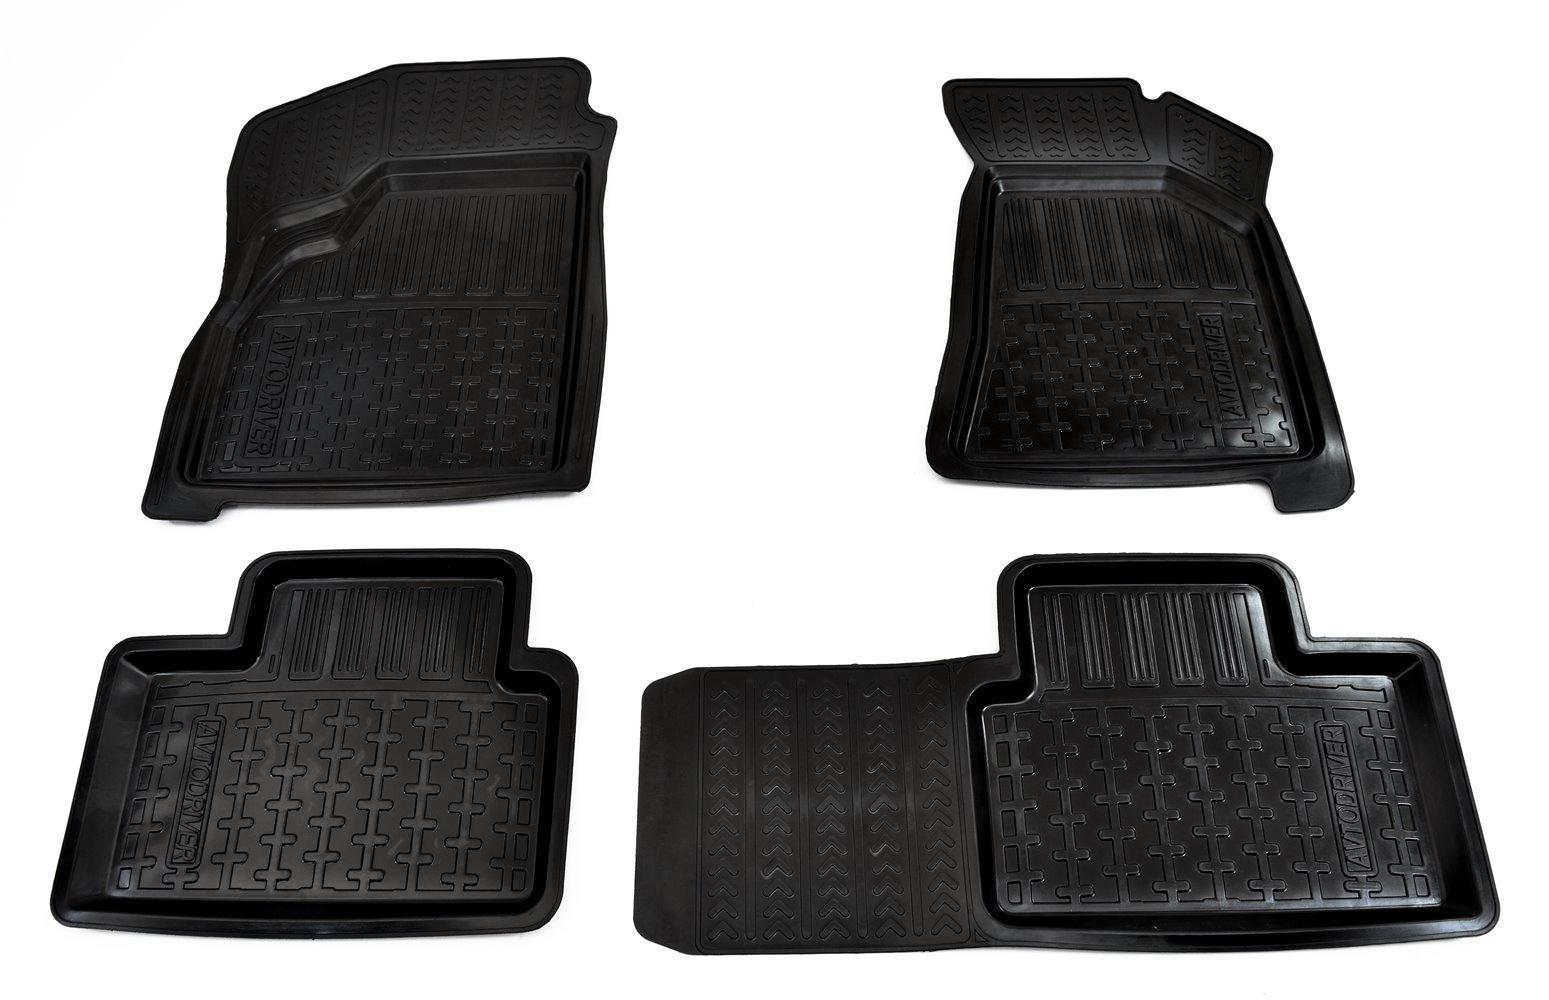 Коврики в салон автомобиля Avtodriver, для ВАЗ Приора II, 2014-, ADRJET012, резиновые, с бортиком, черный дефлектор капота skyline ваз lada priora приора sd hb wag 2007